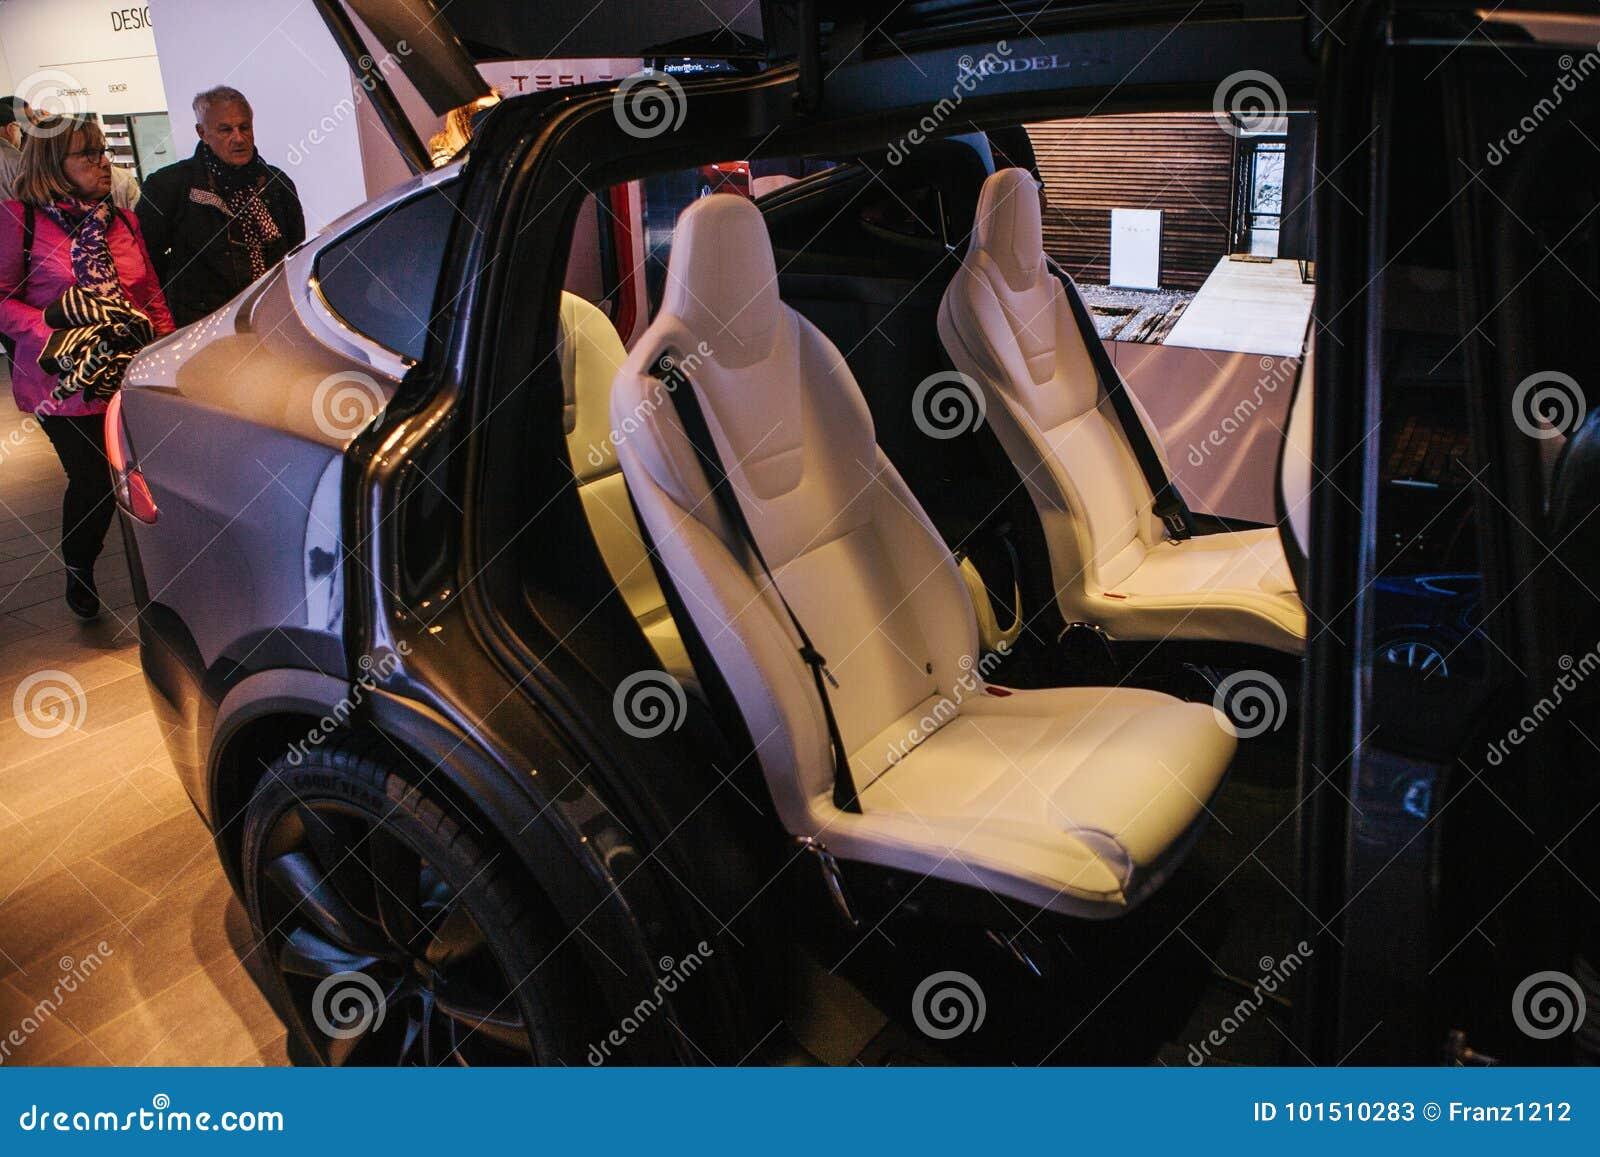 Berlín, el 2 de octubre de 2017: Presentación de un modelo X de Tesla del vehículo eléctrico en el salón del automóvil de Tesla e